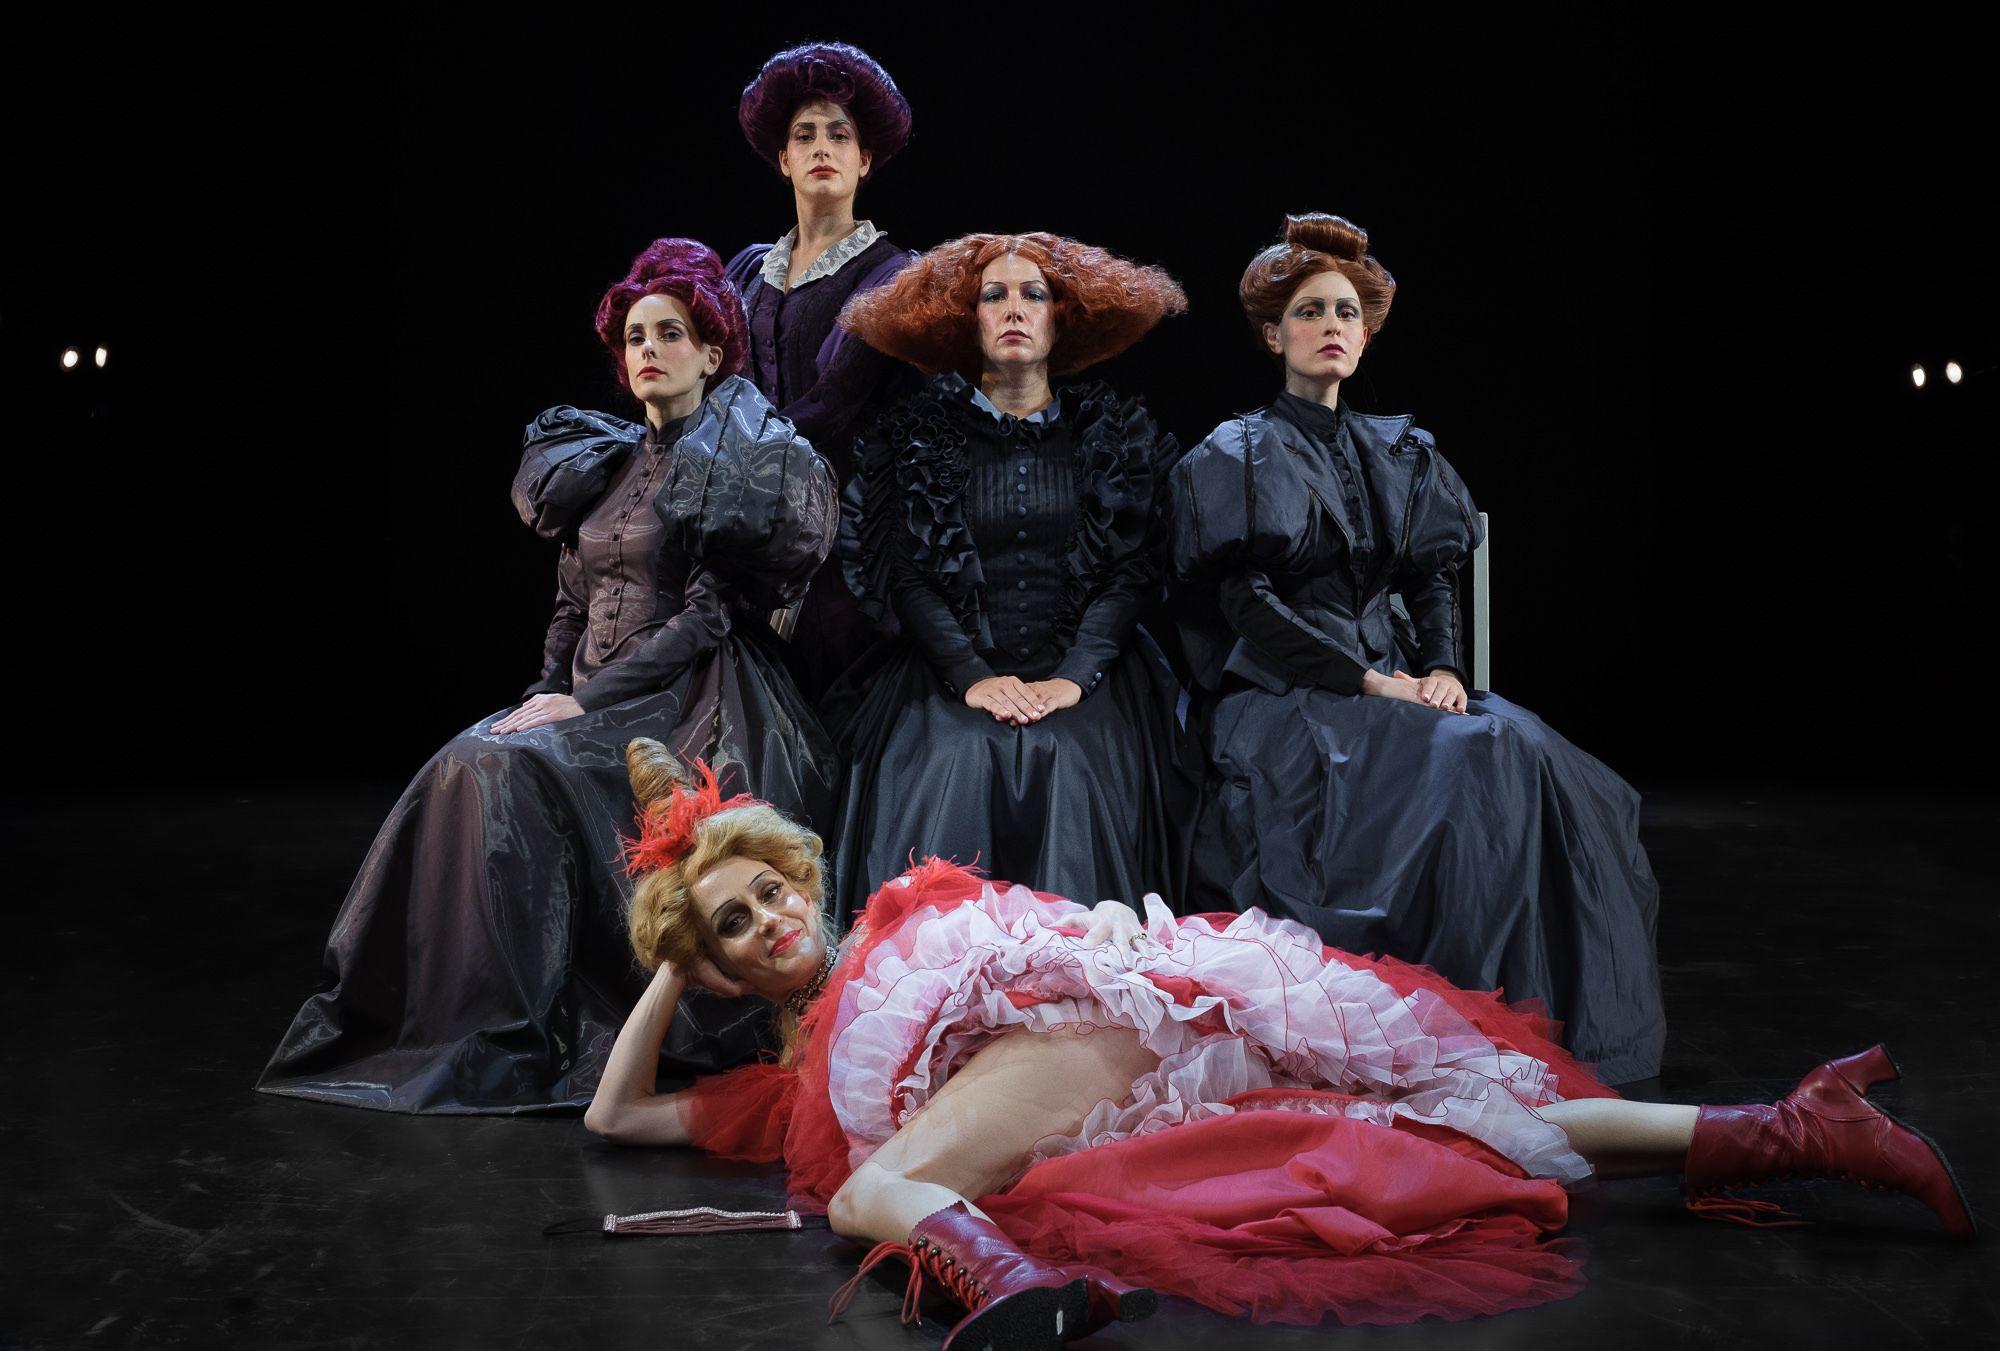 Φωτογραφία από τη θεατρική ομάδα της παράστασης «Η κυρία του Μαξίμ»